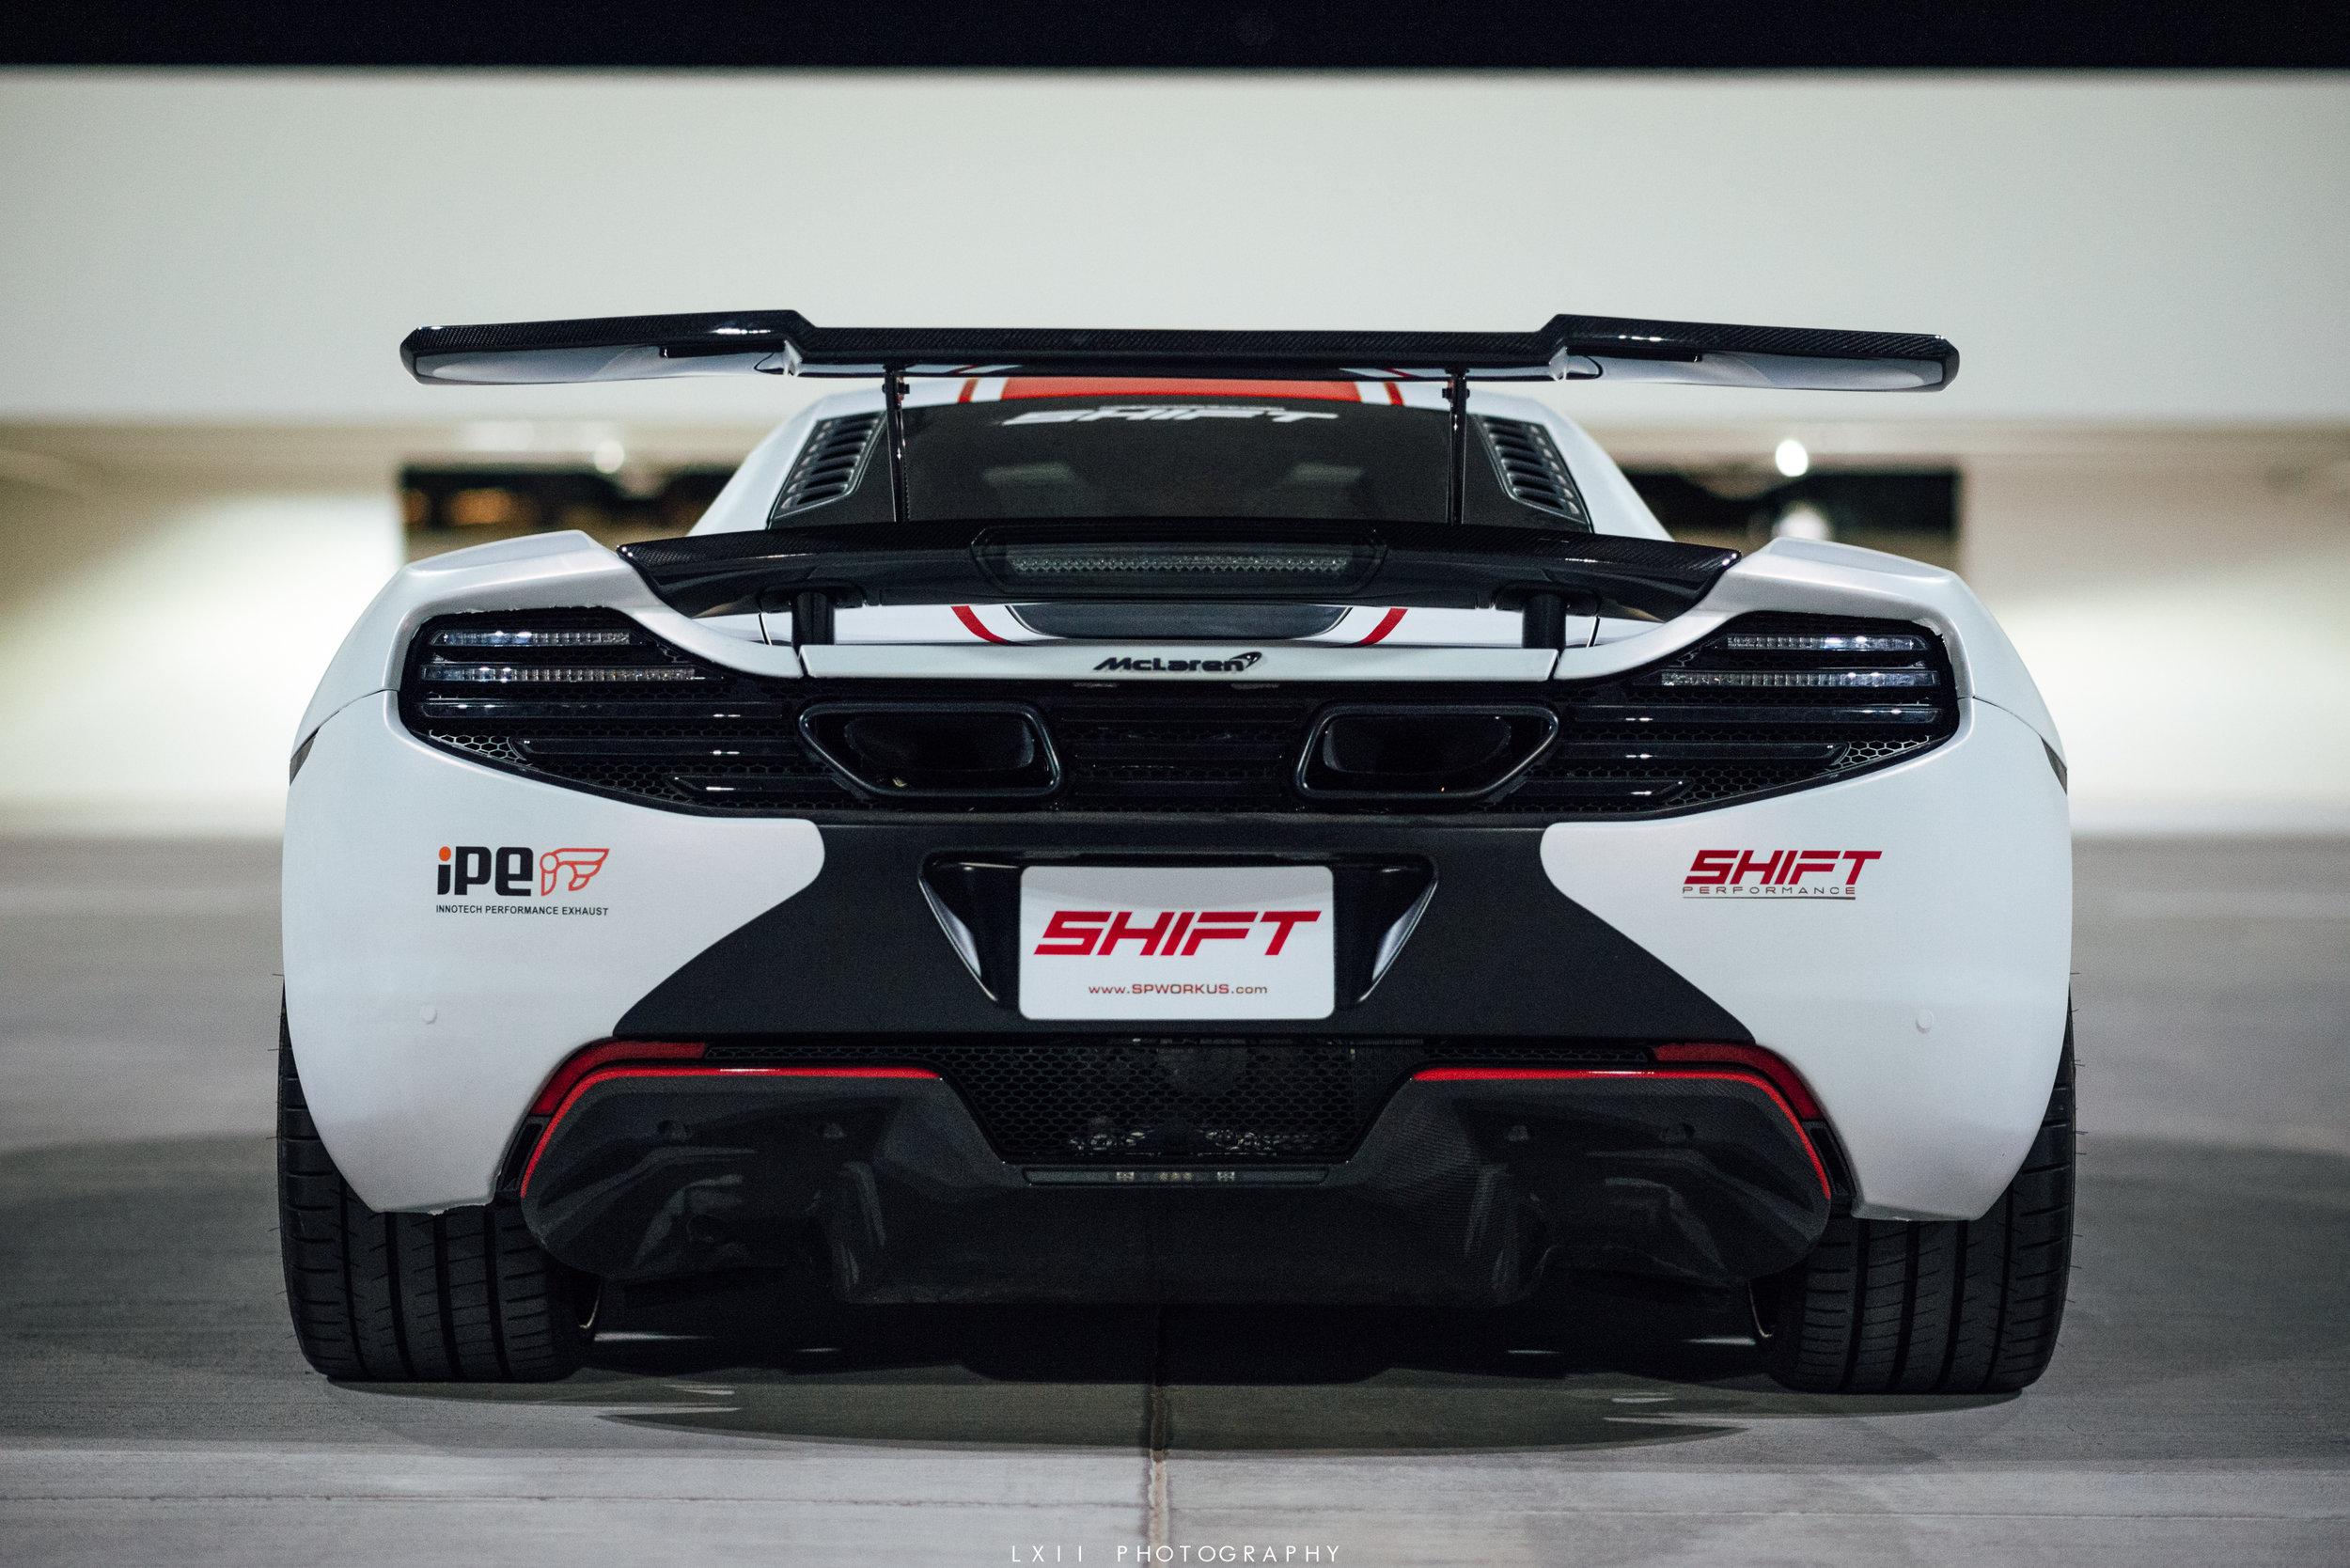 SHIFT-52.jpg